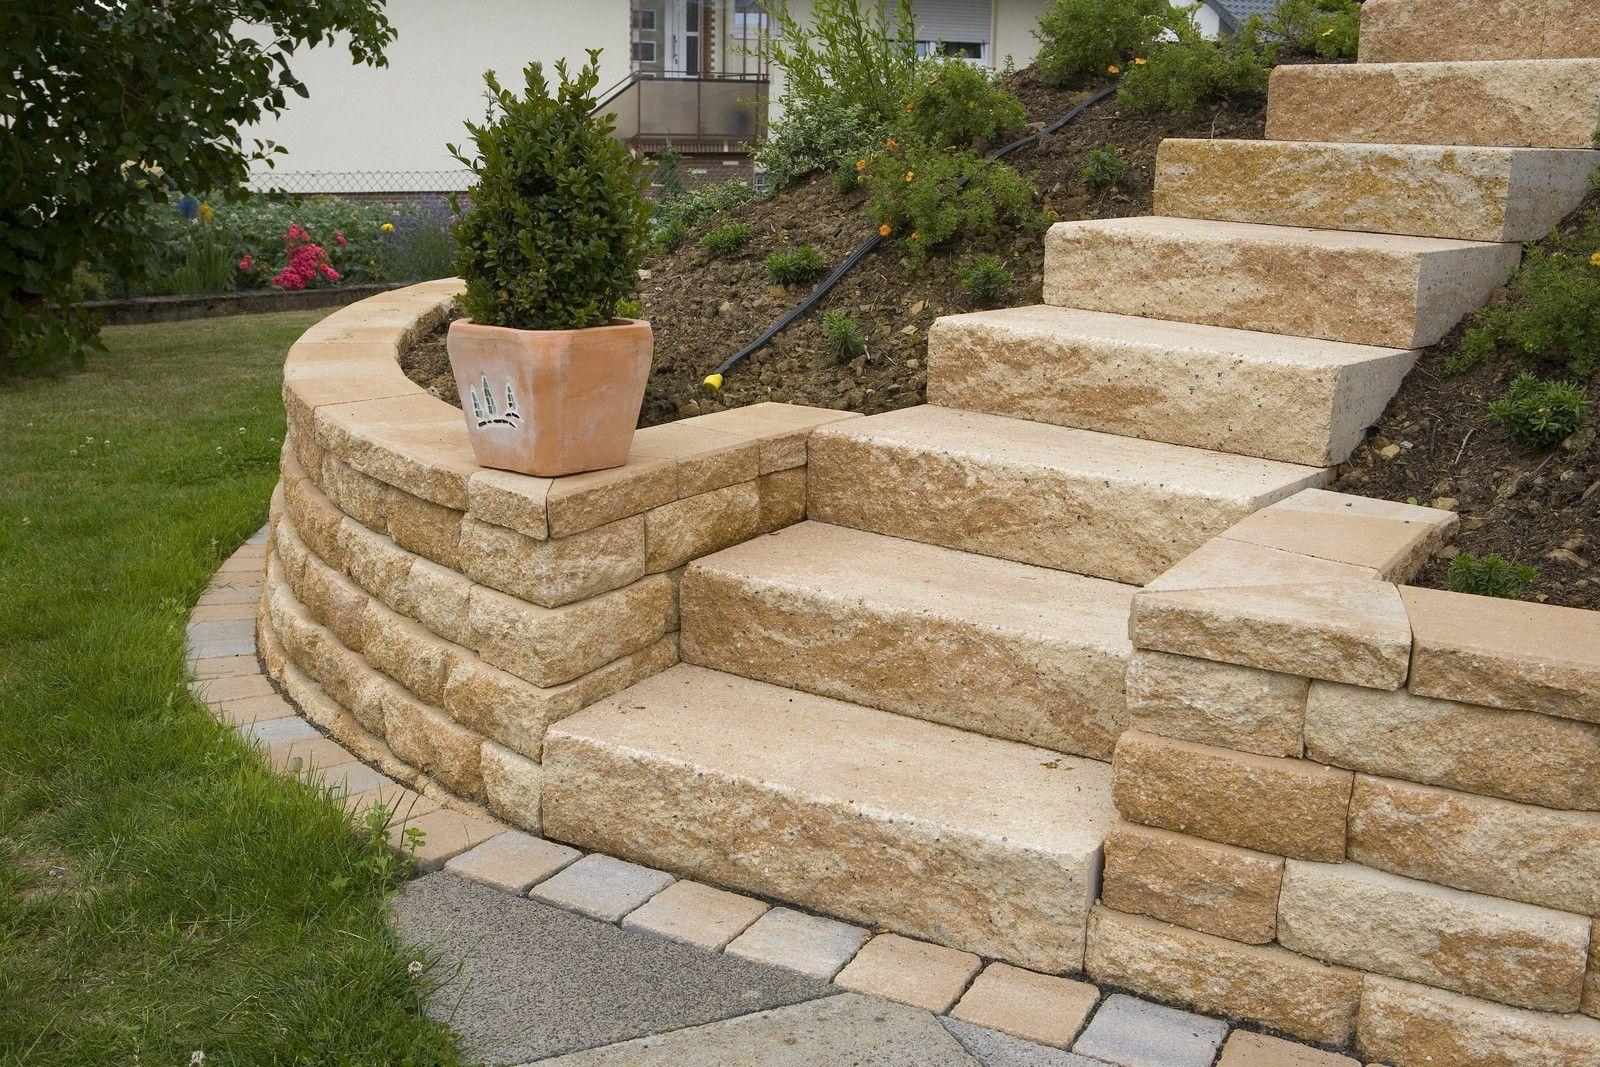 Blockstufe Rinn Preis Google Suche Natursteine Garten Krautergarten Design Natursteine